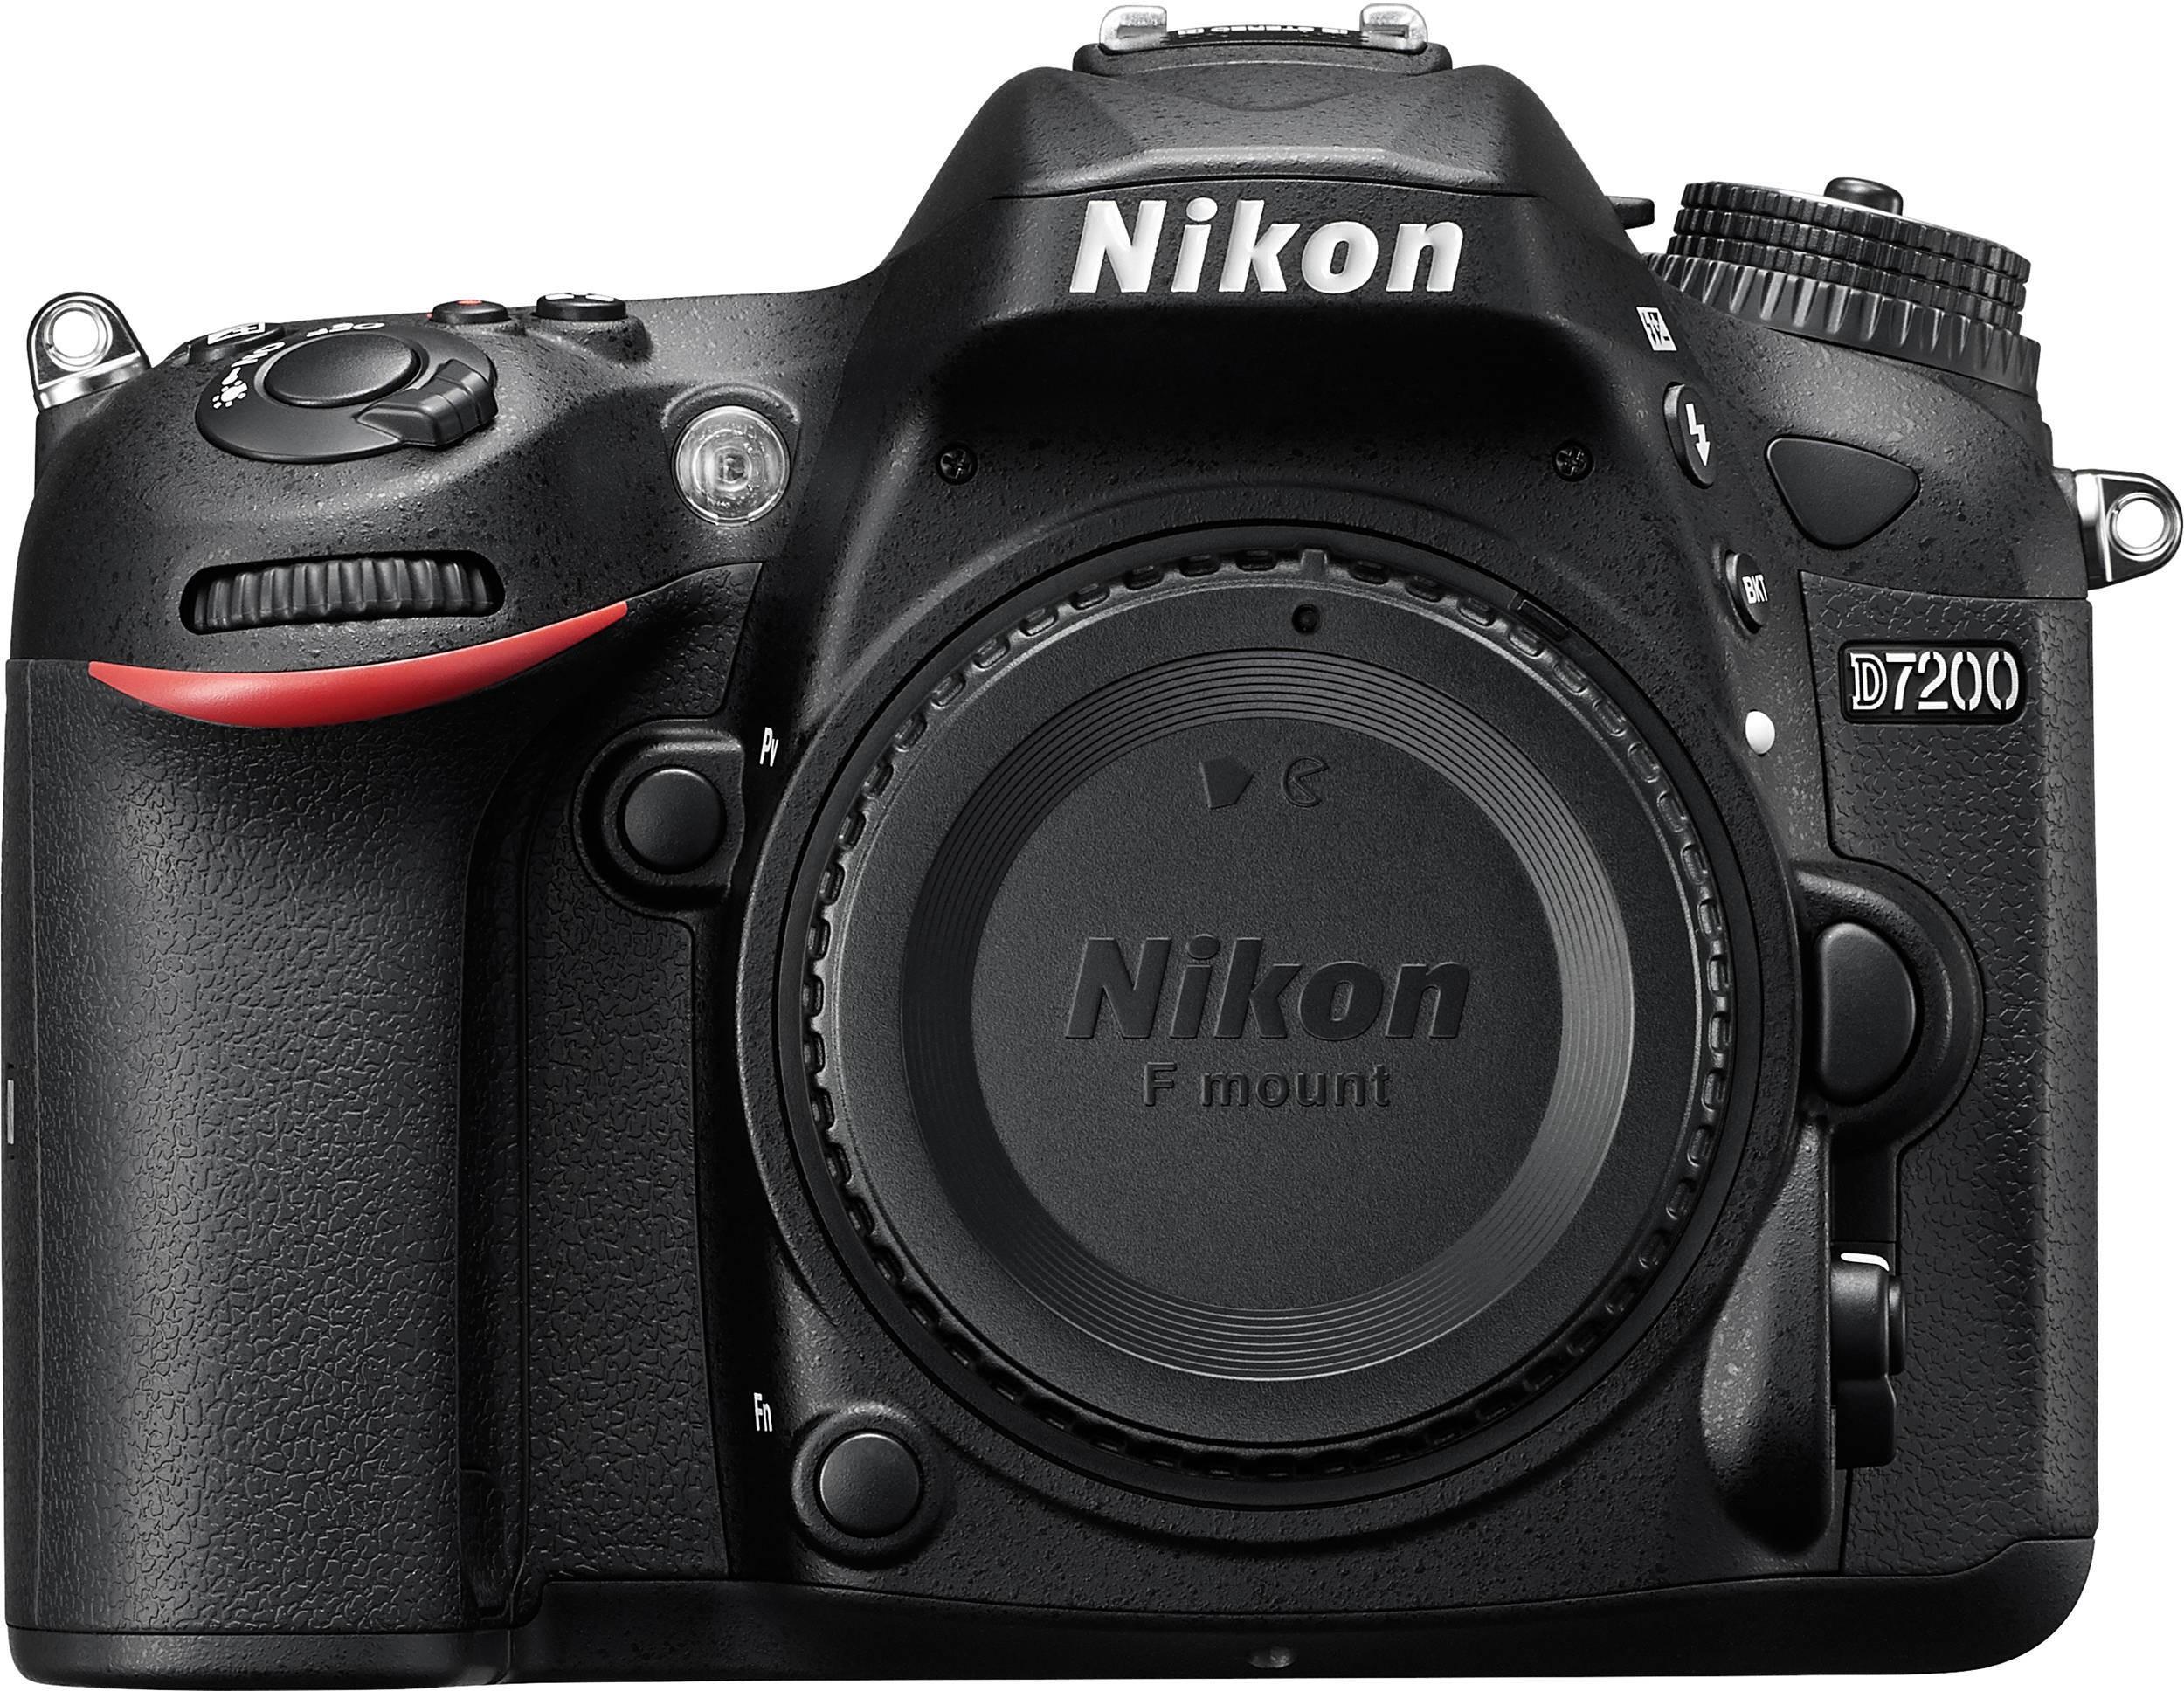 Nikon D7200 DSLR Camera Image